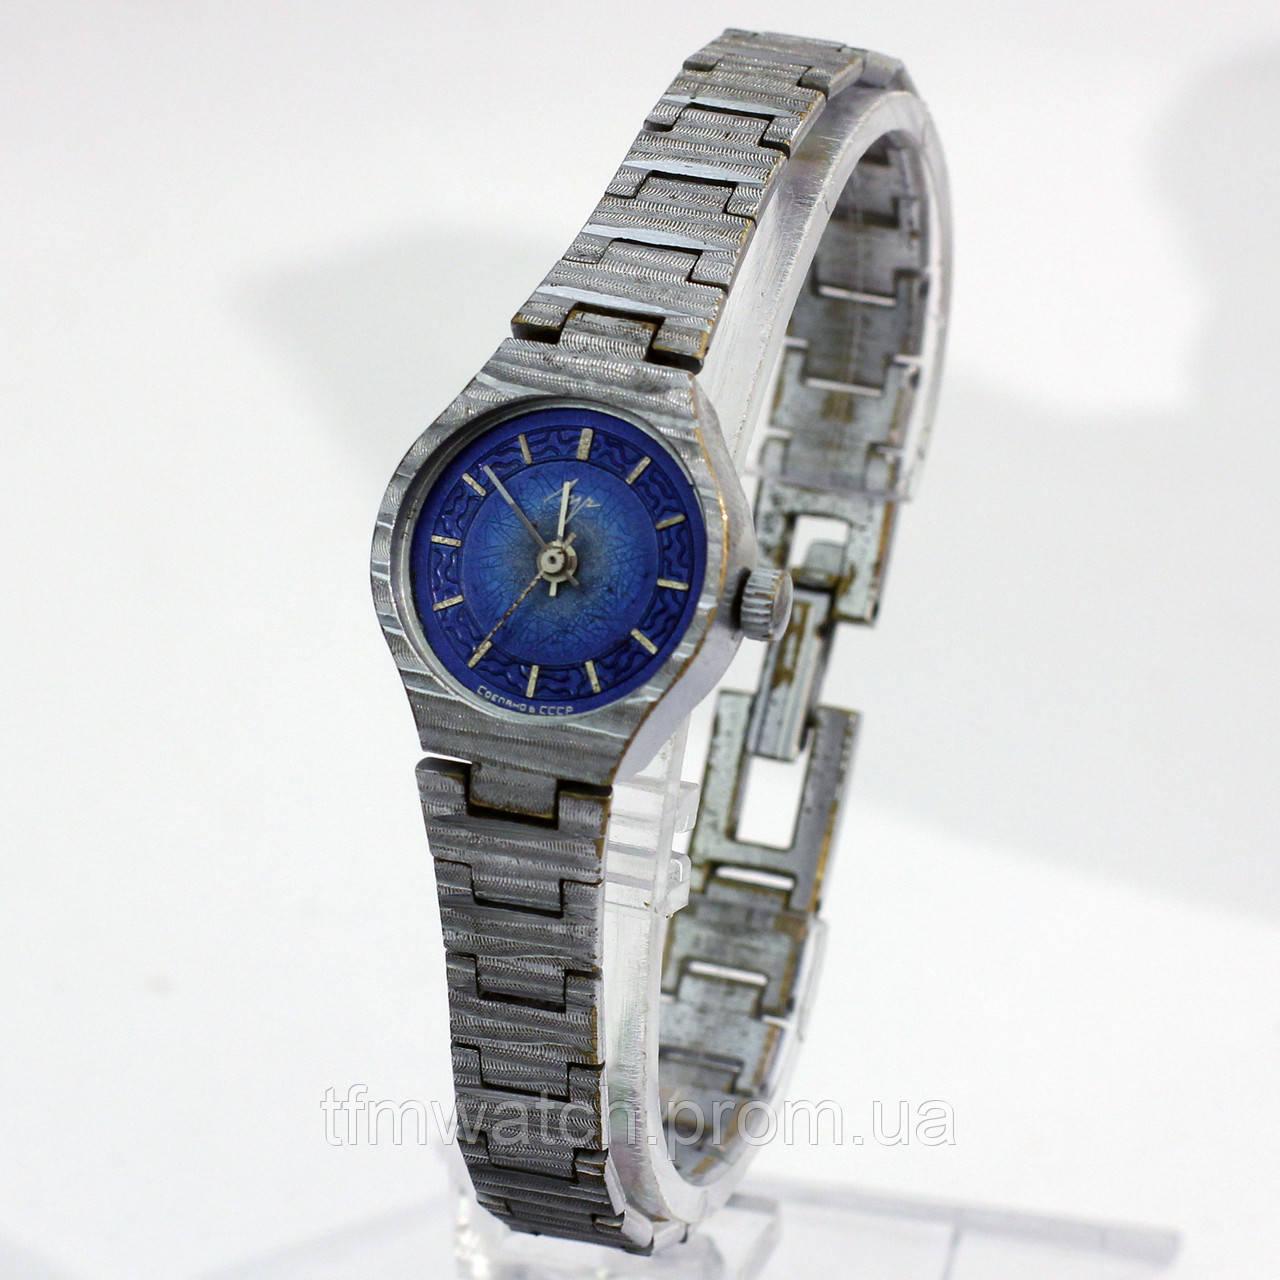 Женские часы Луч сделано в СССР